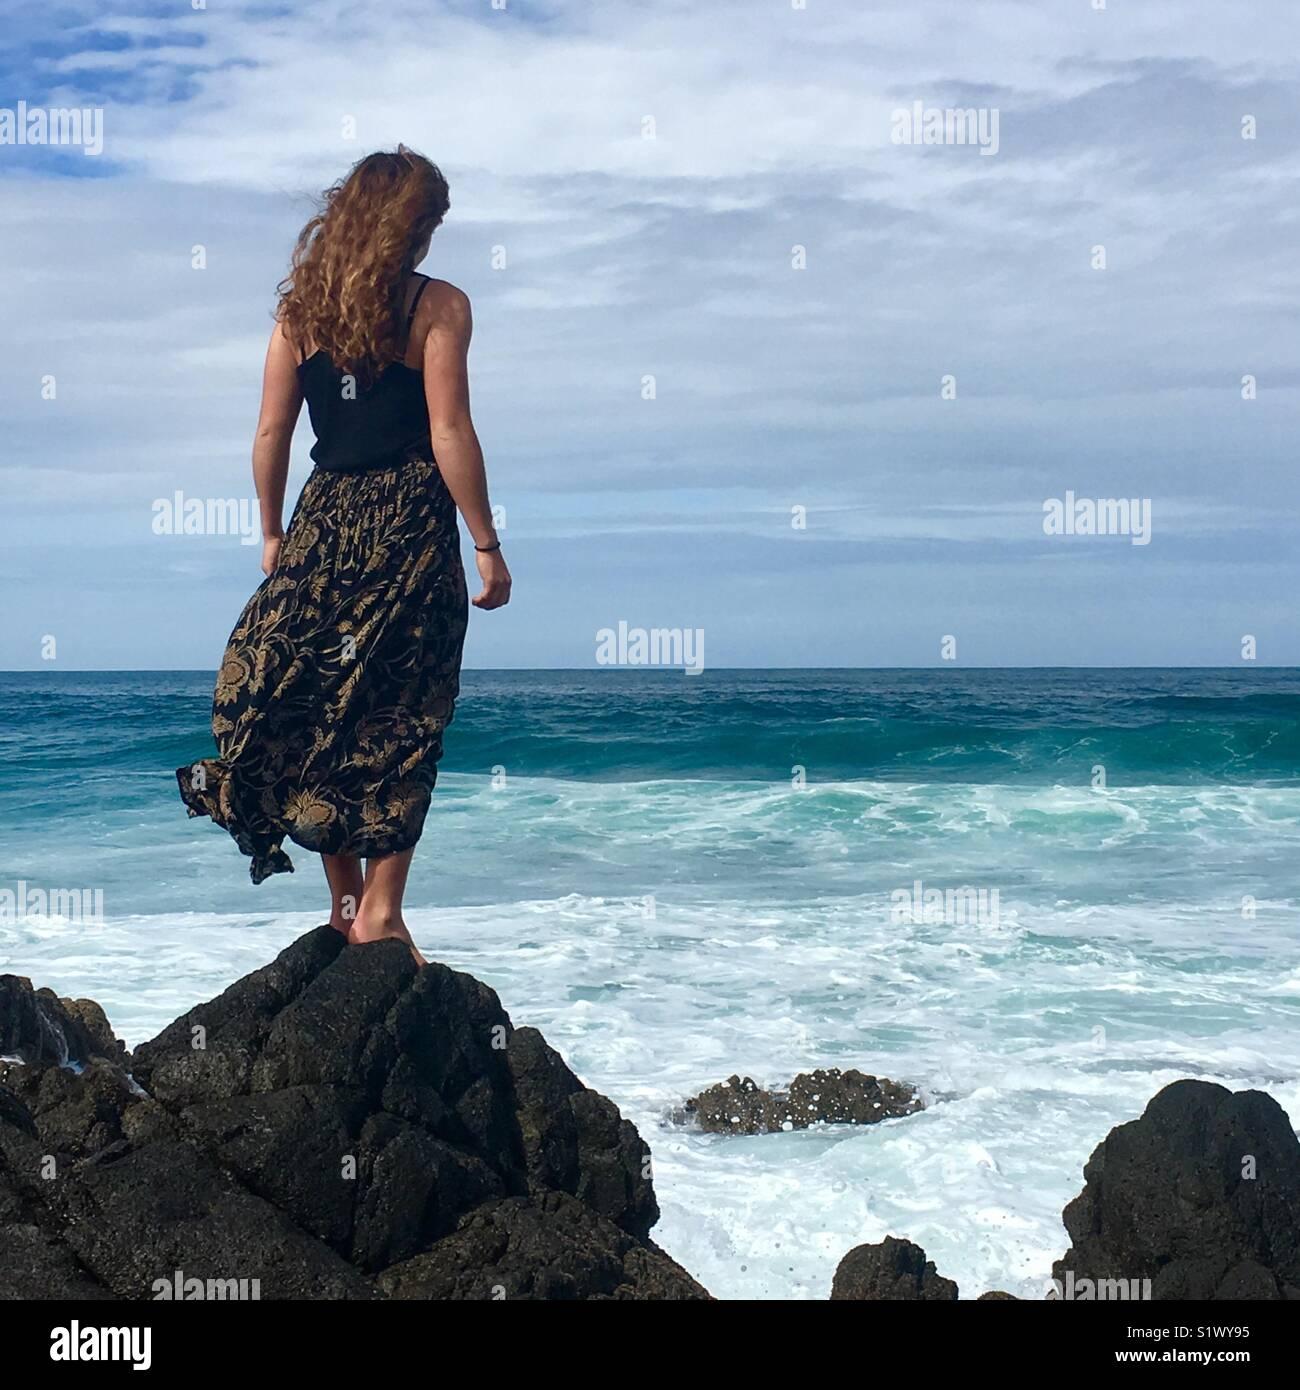 Chica se alza sobre una roca con vistas al mar Imagen De Stock